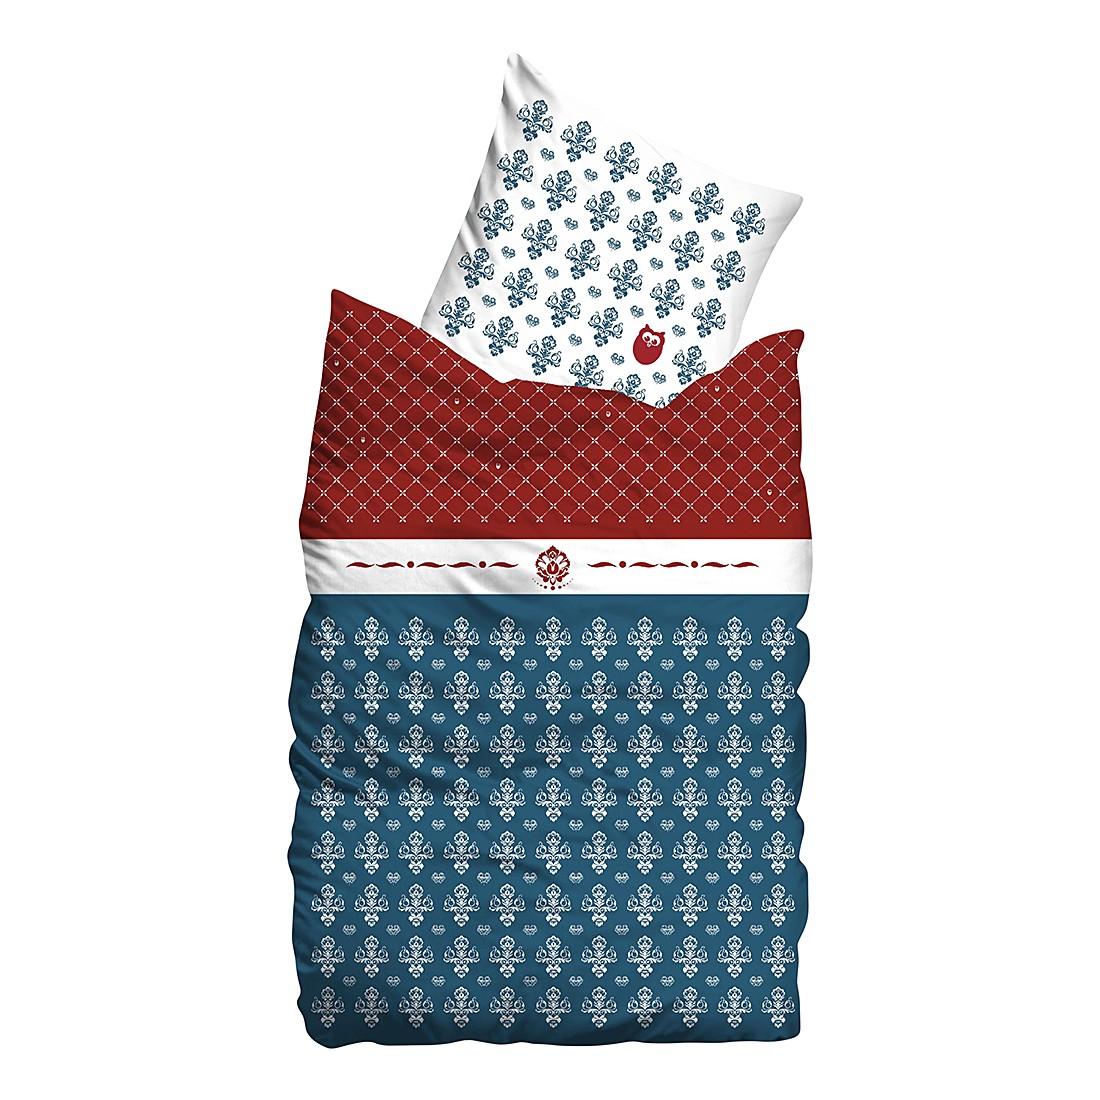 Linon Bettwäsche Flourish – Marineblau – 155 x 220 cm + Kissen 80 x 80 cm, Sueños günstig bestellen